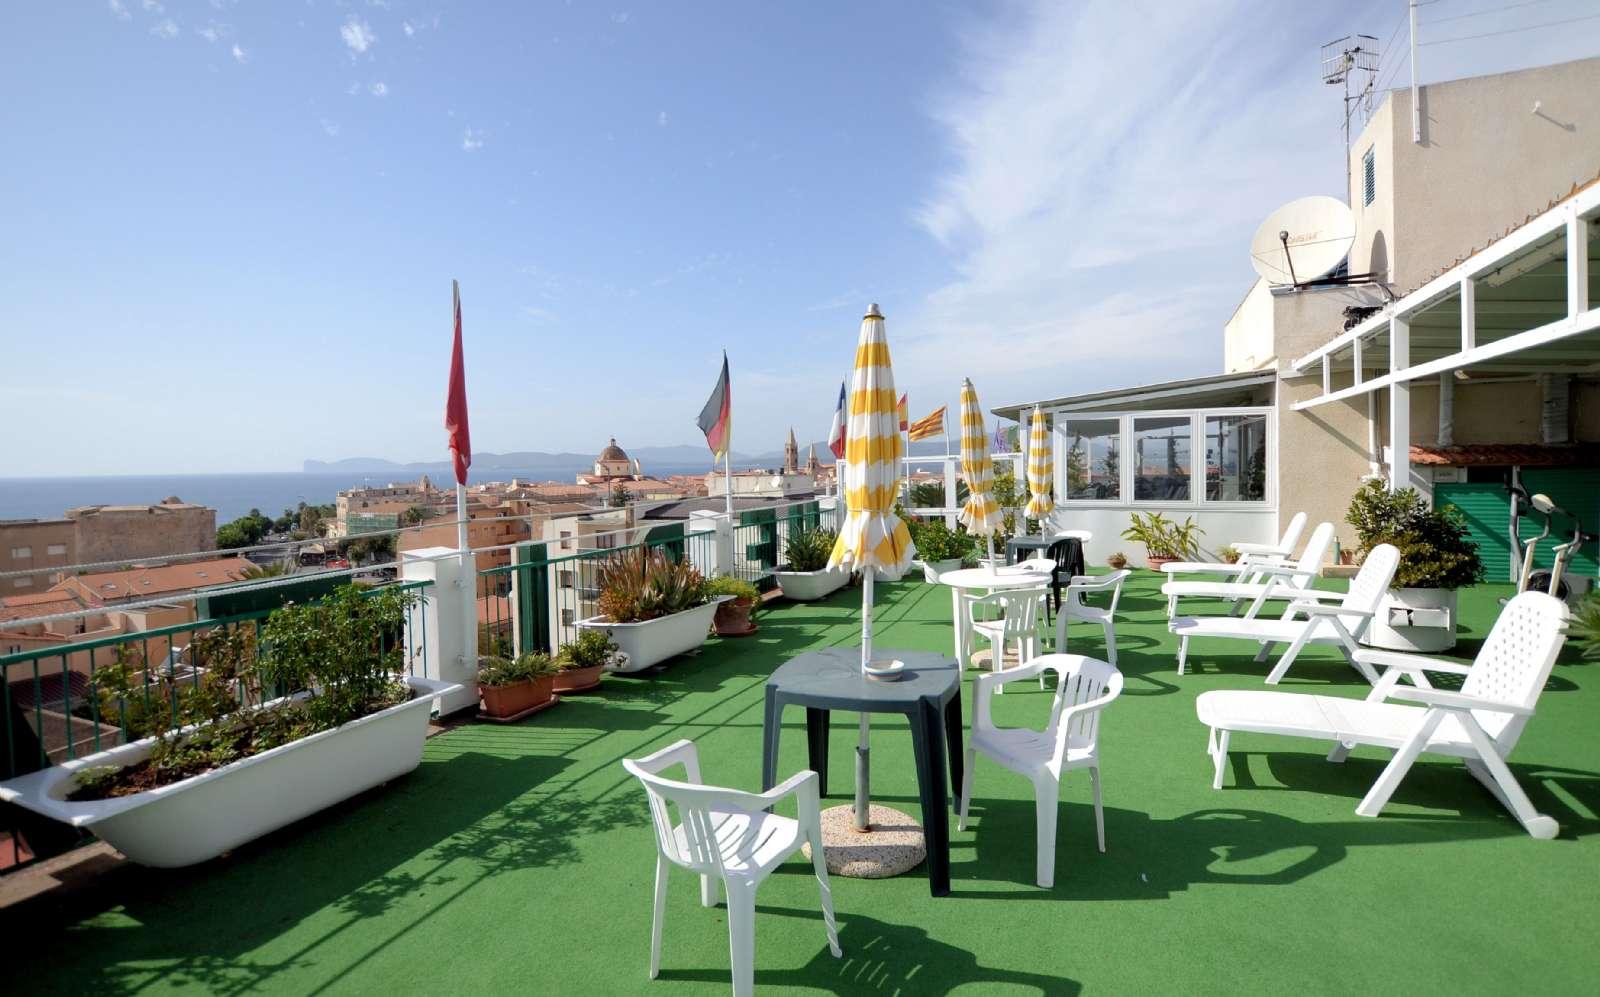 La terrasse sur le toit avec ses chaises longues et l'espace petit-déjeuner